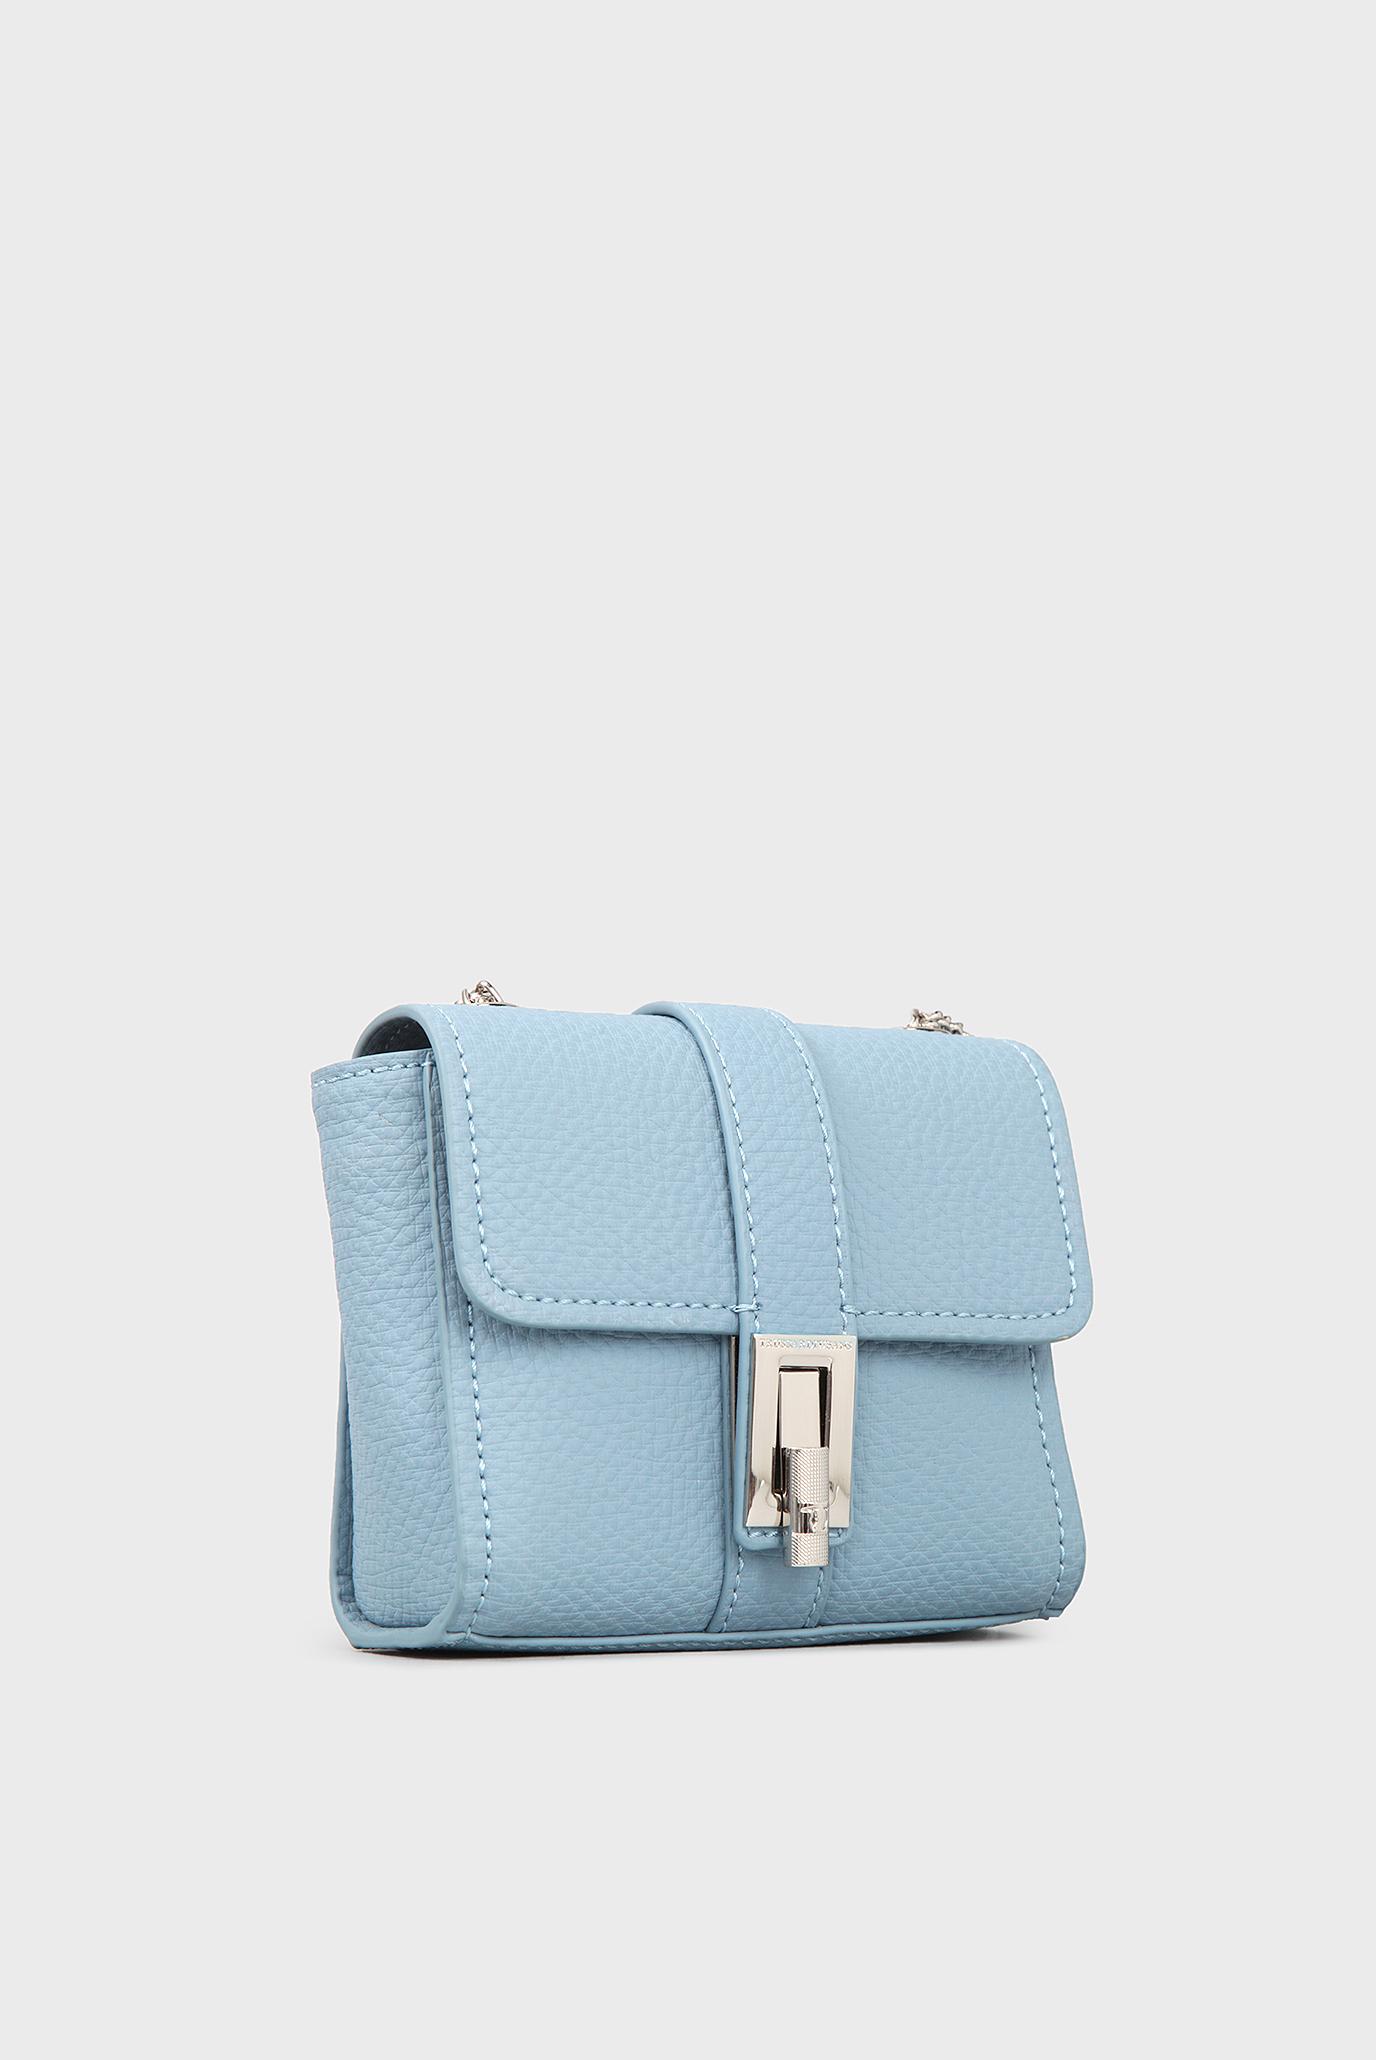 7f2564fe0bcf Купить Женская голубая сумка через плечо Trussardi Jeans Trussardi Jeans  1Y000031/75B00163 – Киев, Украина. Цены в ...